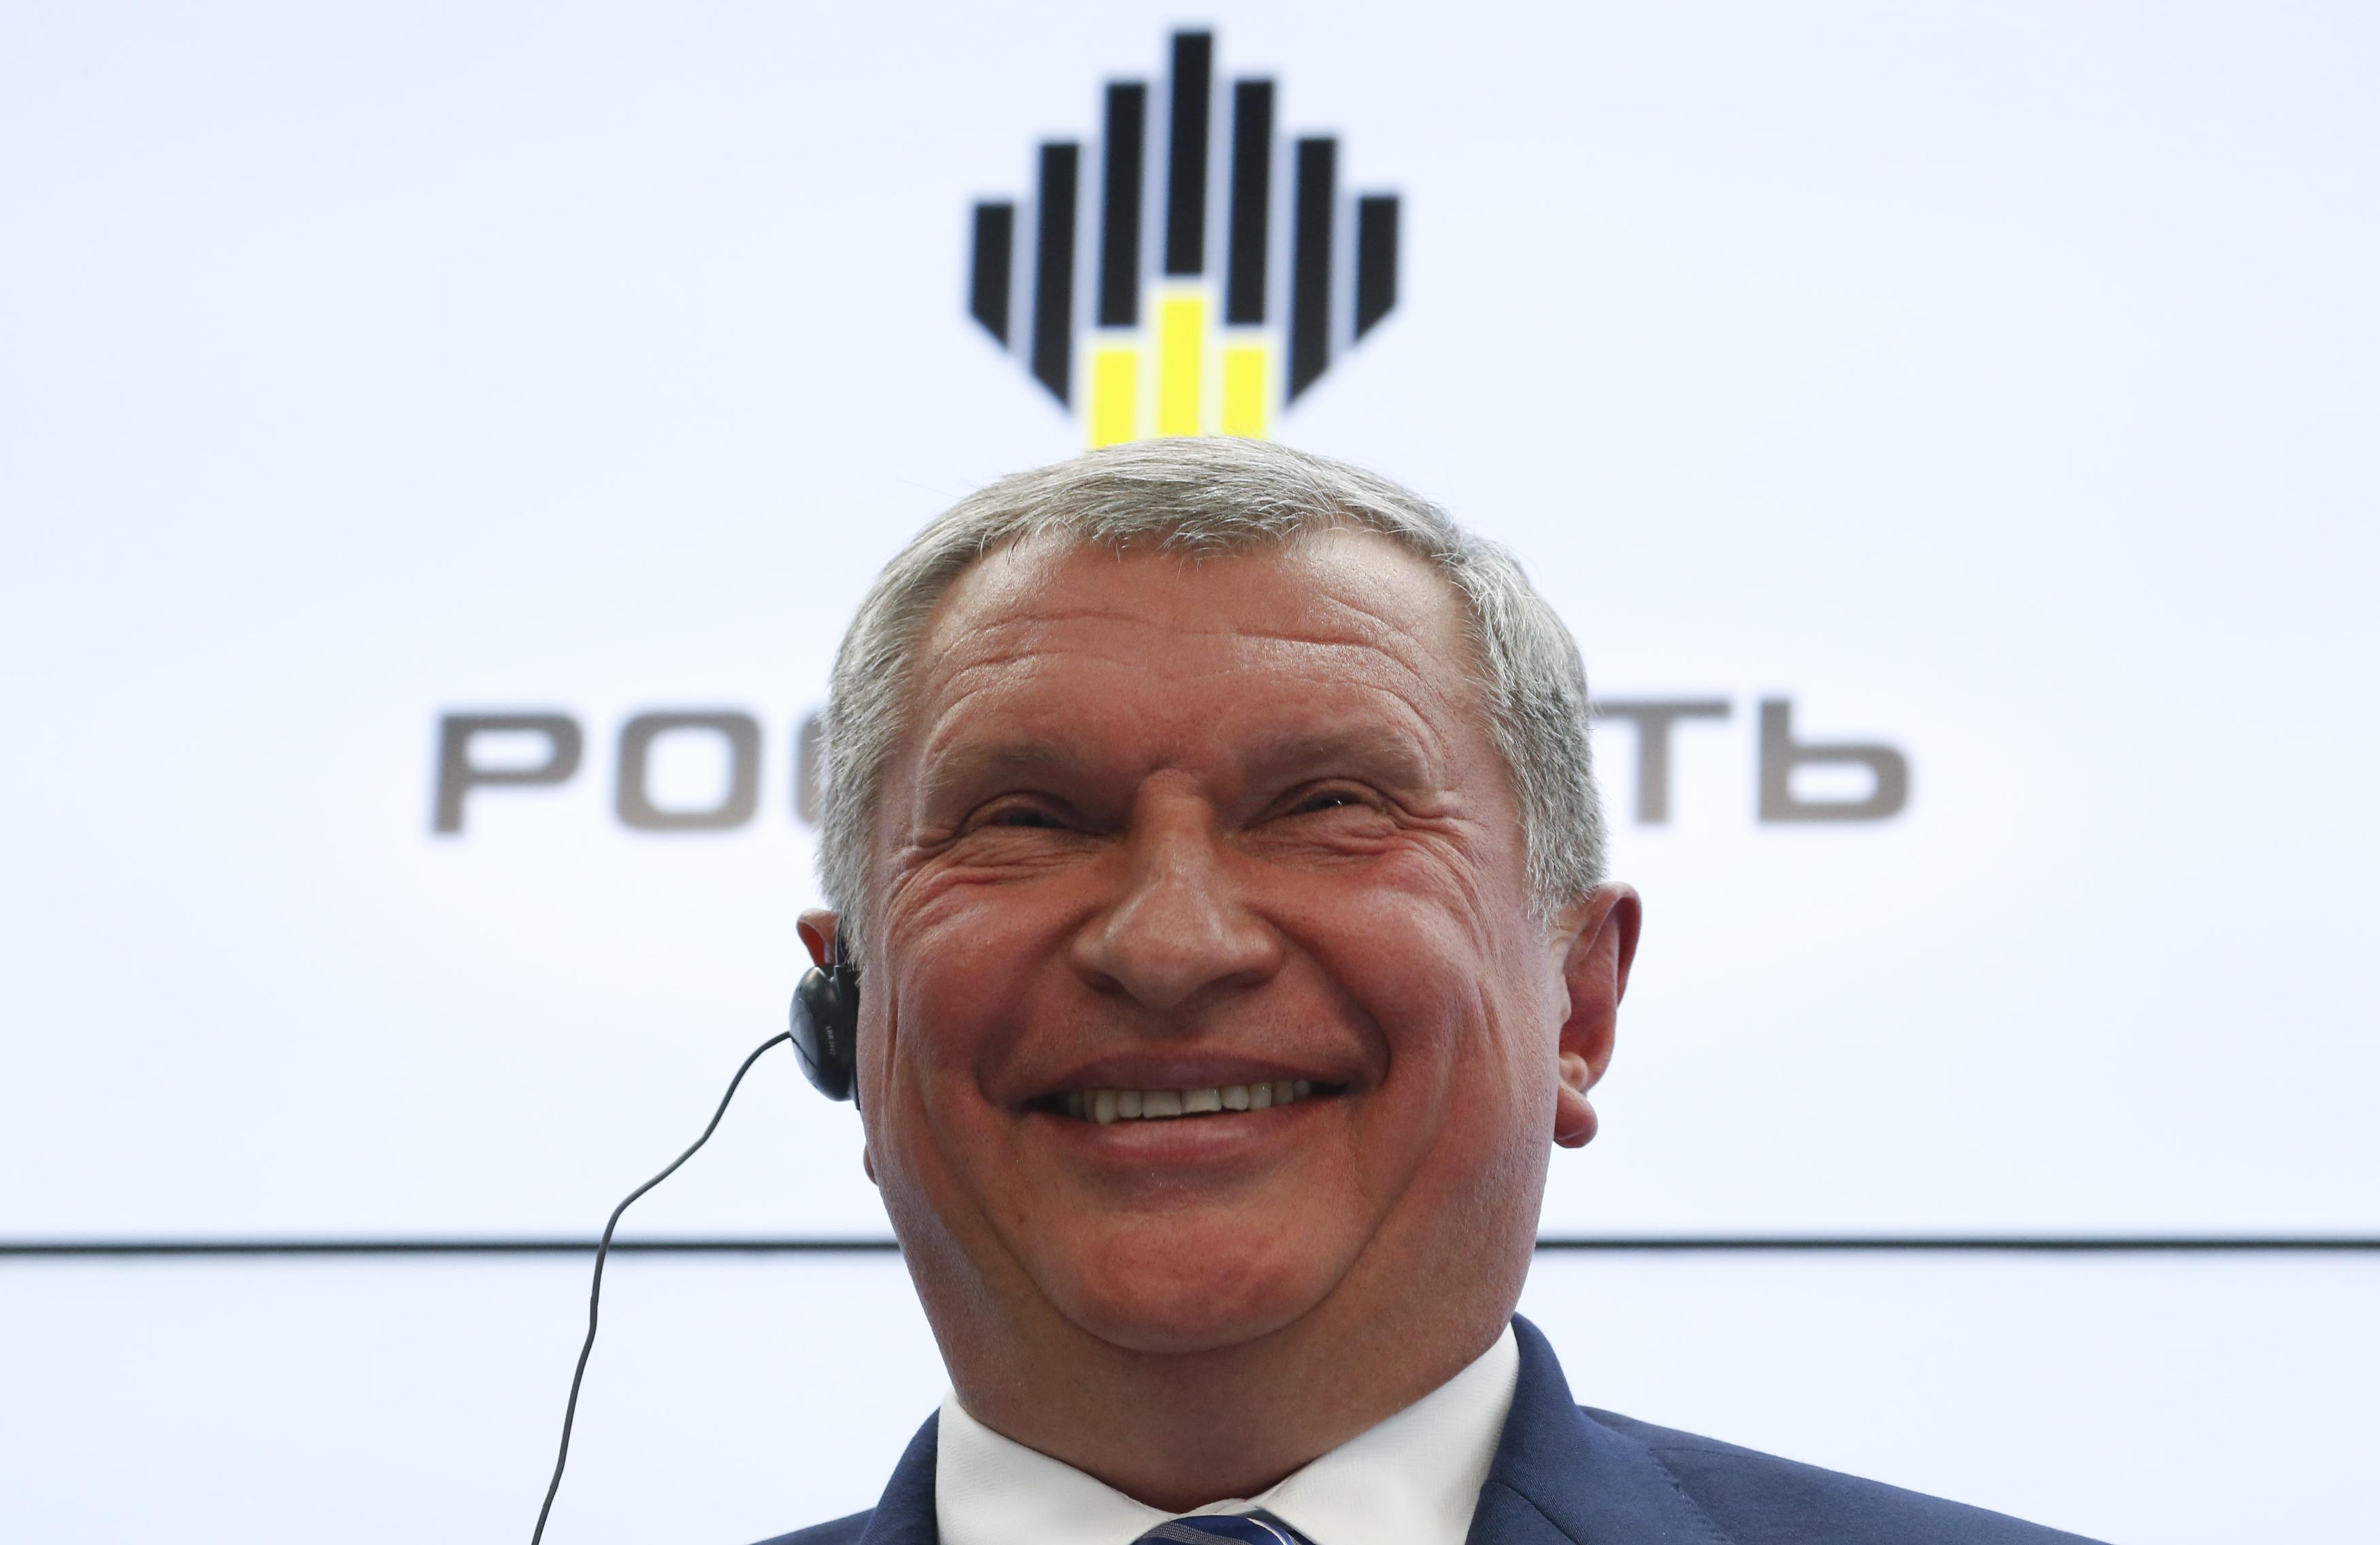 https://theins.ru/wp-content/uploads/2018/10/2016-12-08t091950z_1256744246_lr1ecc80pwwcu_rtrmadp_3_russia-rosneft-p.jpg